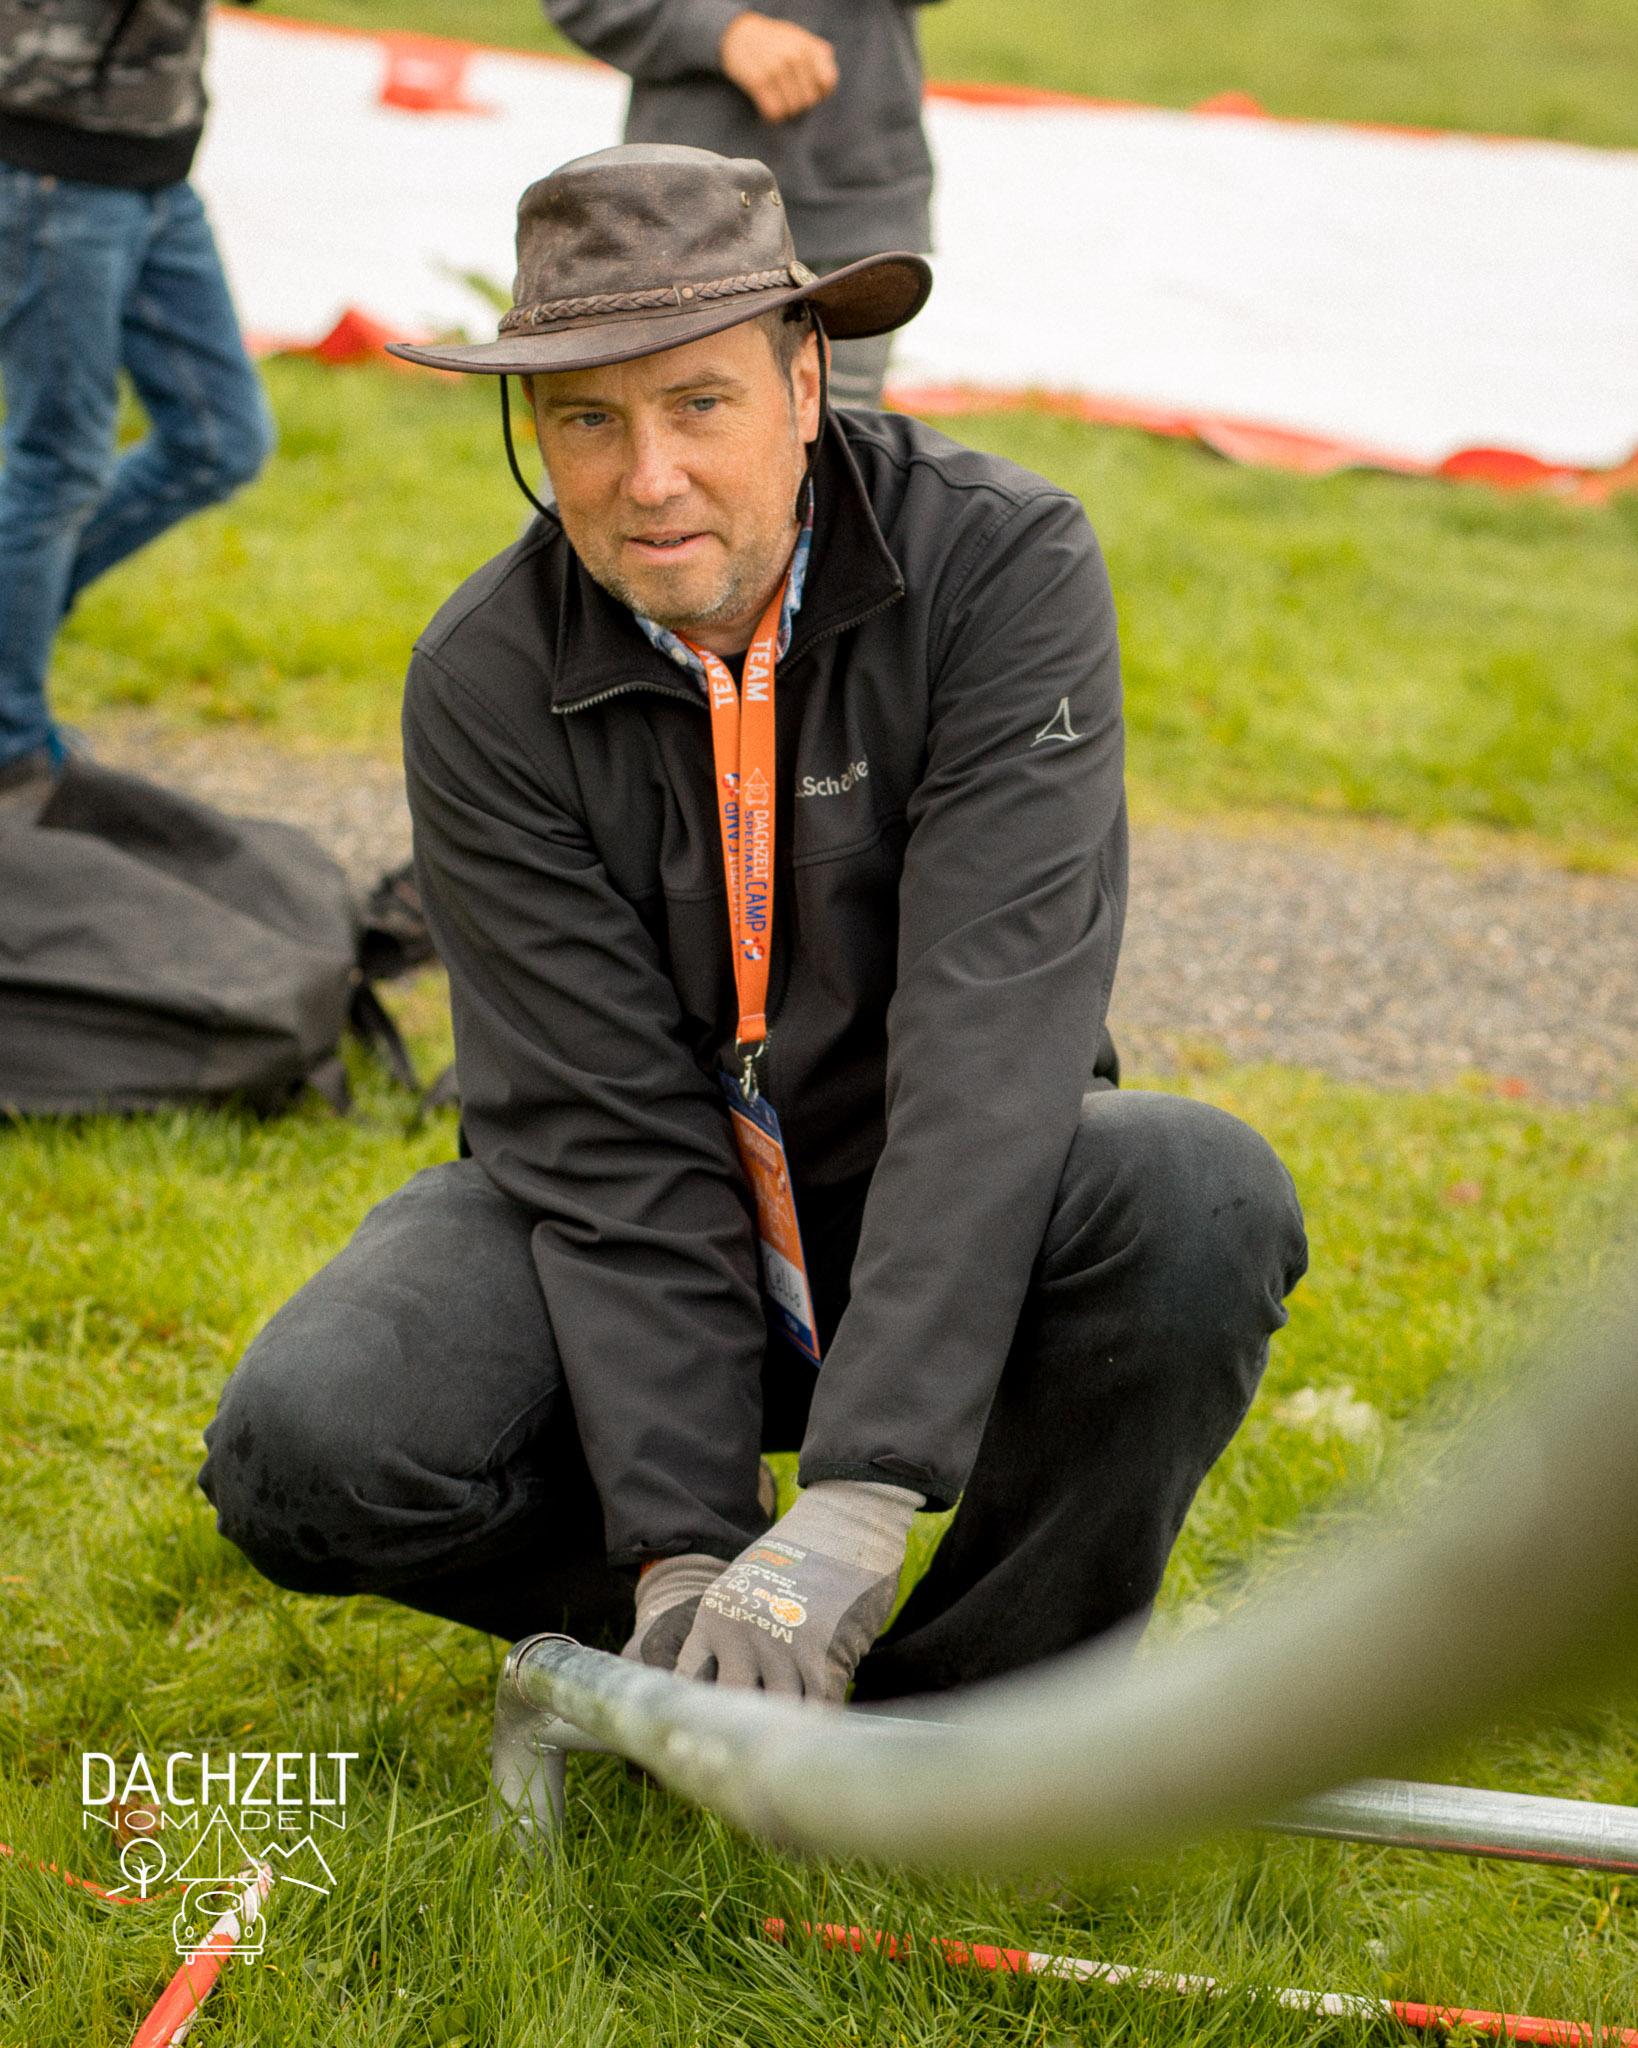 20191016-Dachzelt-Camp-Speciaal-Dennis-Brandt- DB 1718